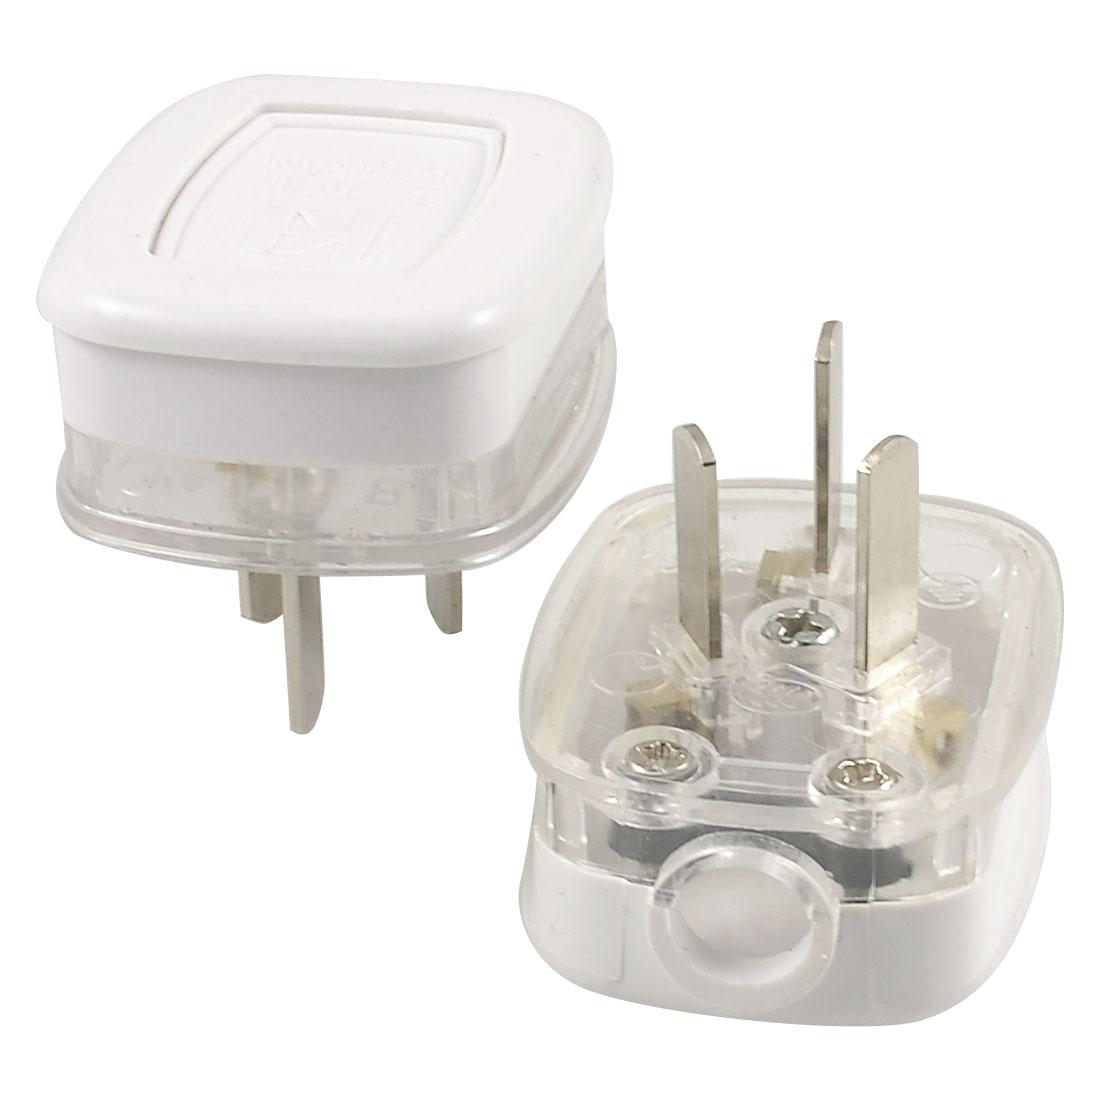 2 Pcs White Clear Housing AU 3 Pins Power Cord Plug Connector Head AC 250V 10A